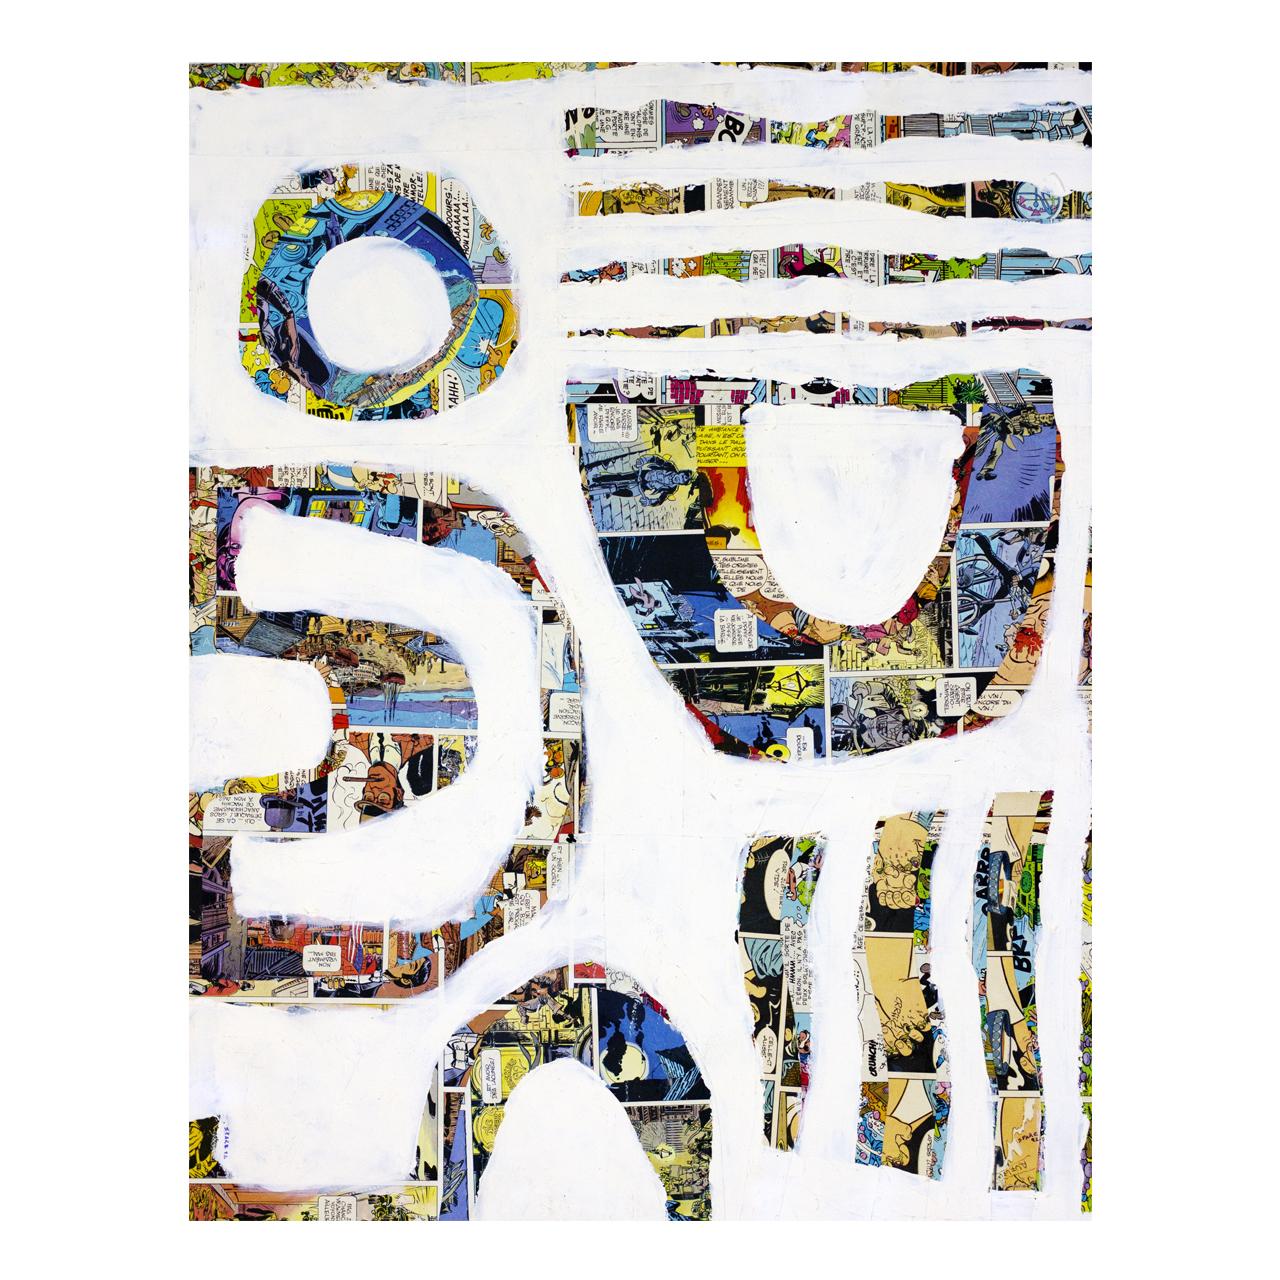 sylvain-pare-spare-artwork-1280x1280_IMG_0336.jpg